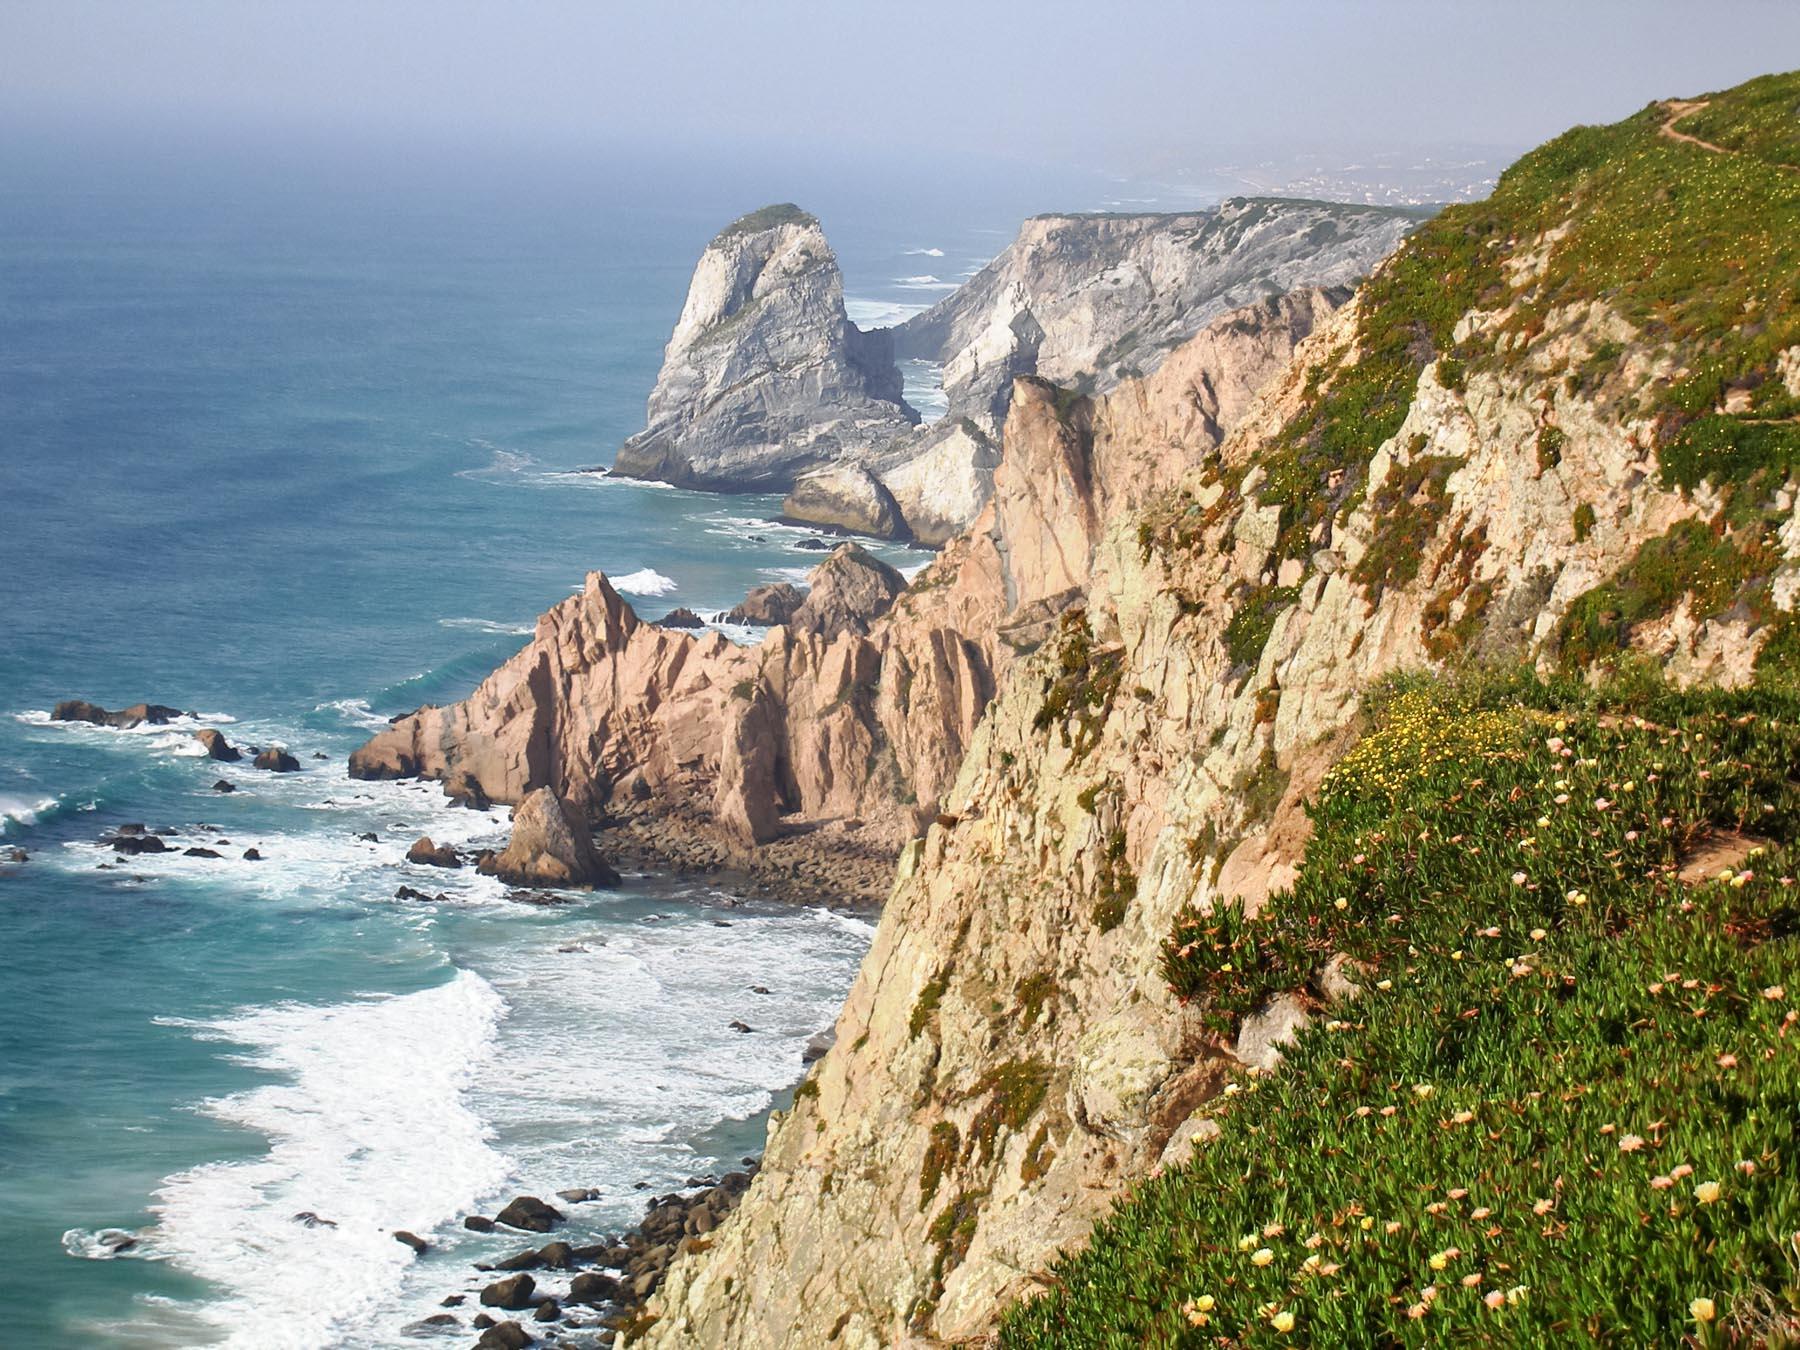 Cabo_da_Roca,_Sintra-Cascais_Natural_Park,_Portugal